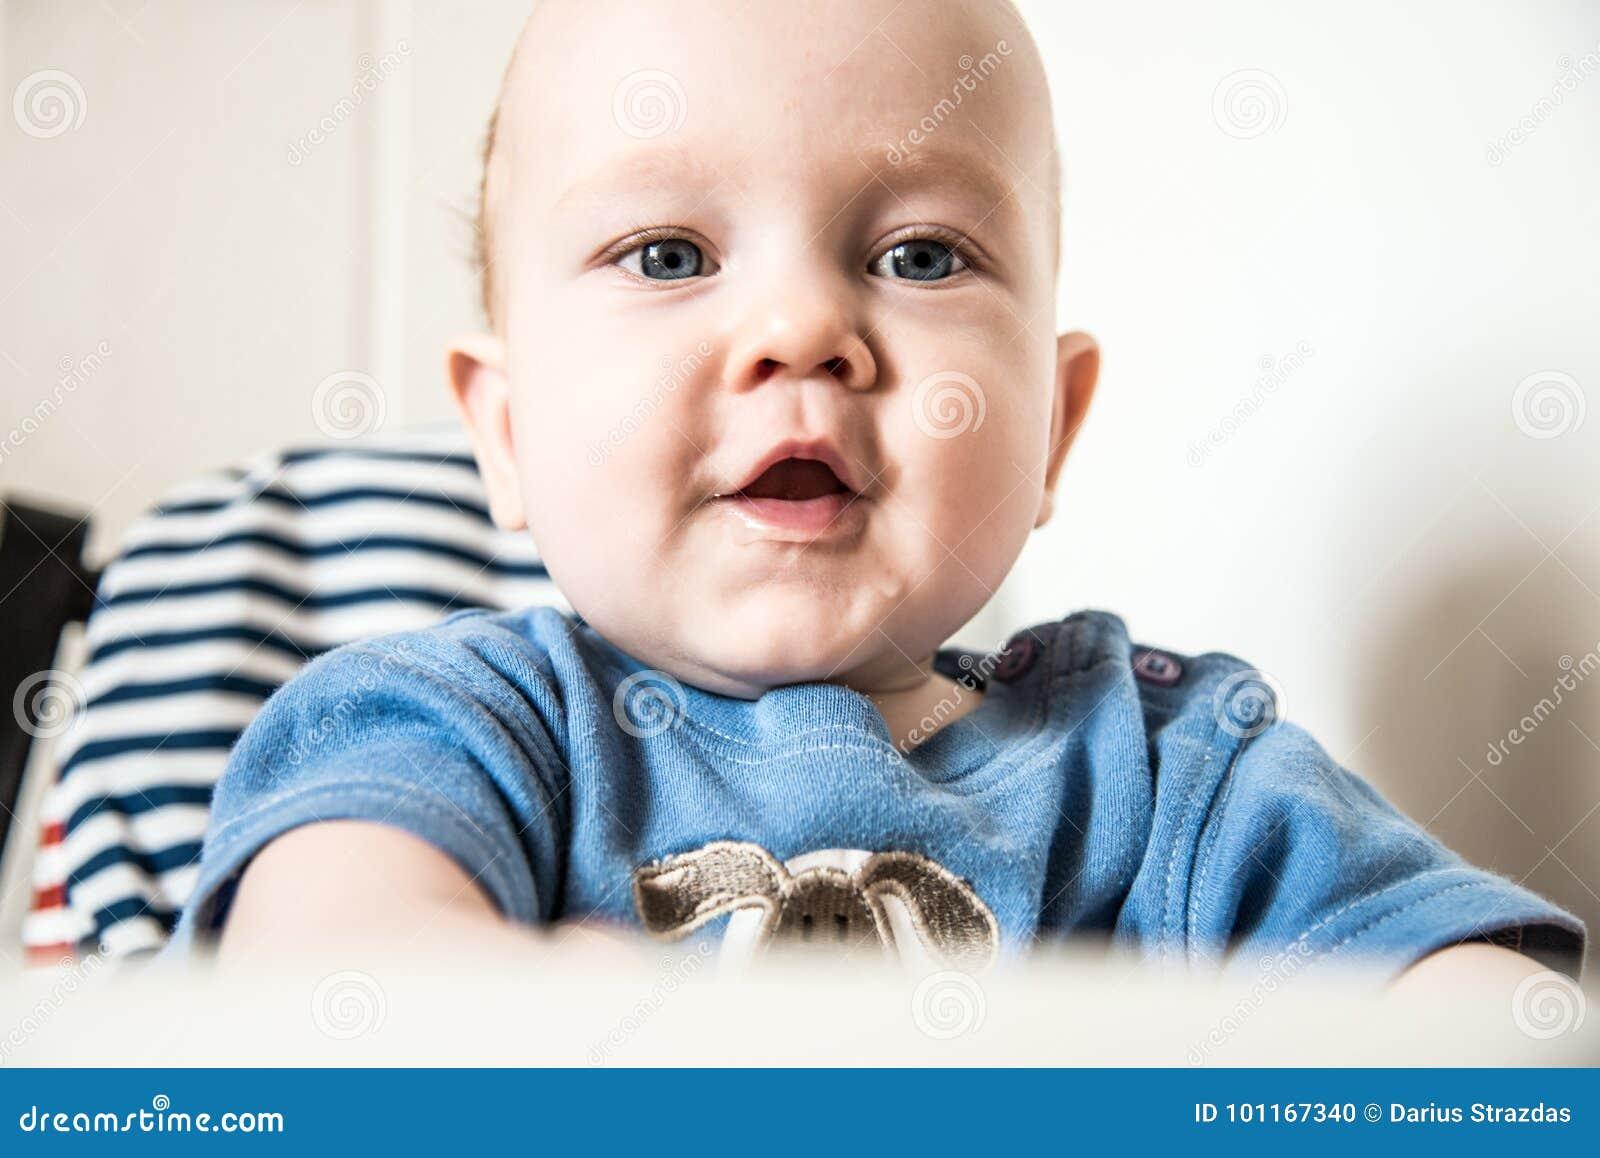 Handsome baby boy look